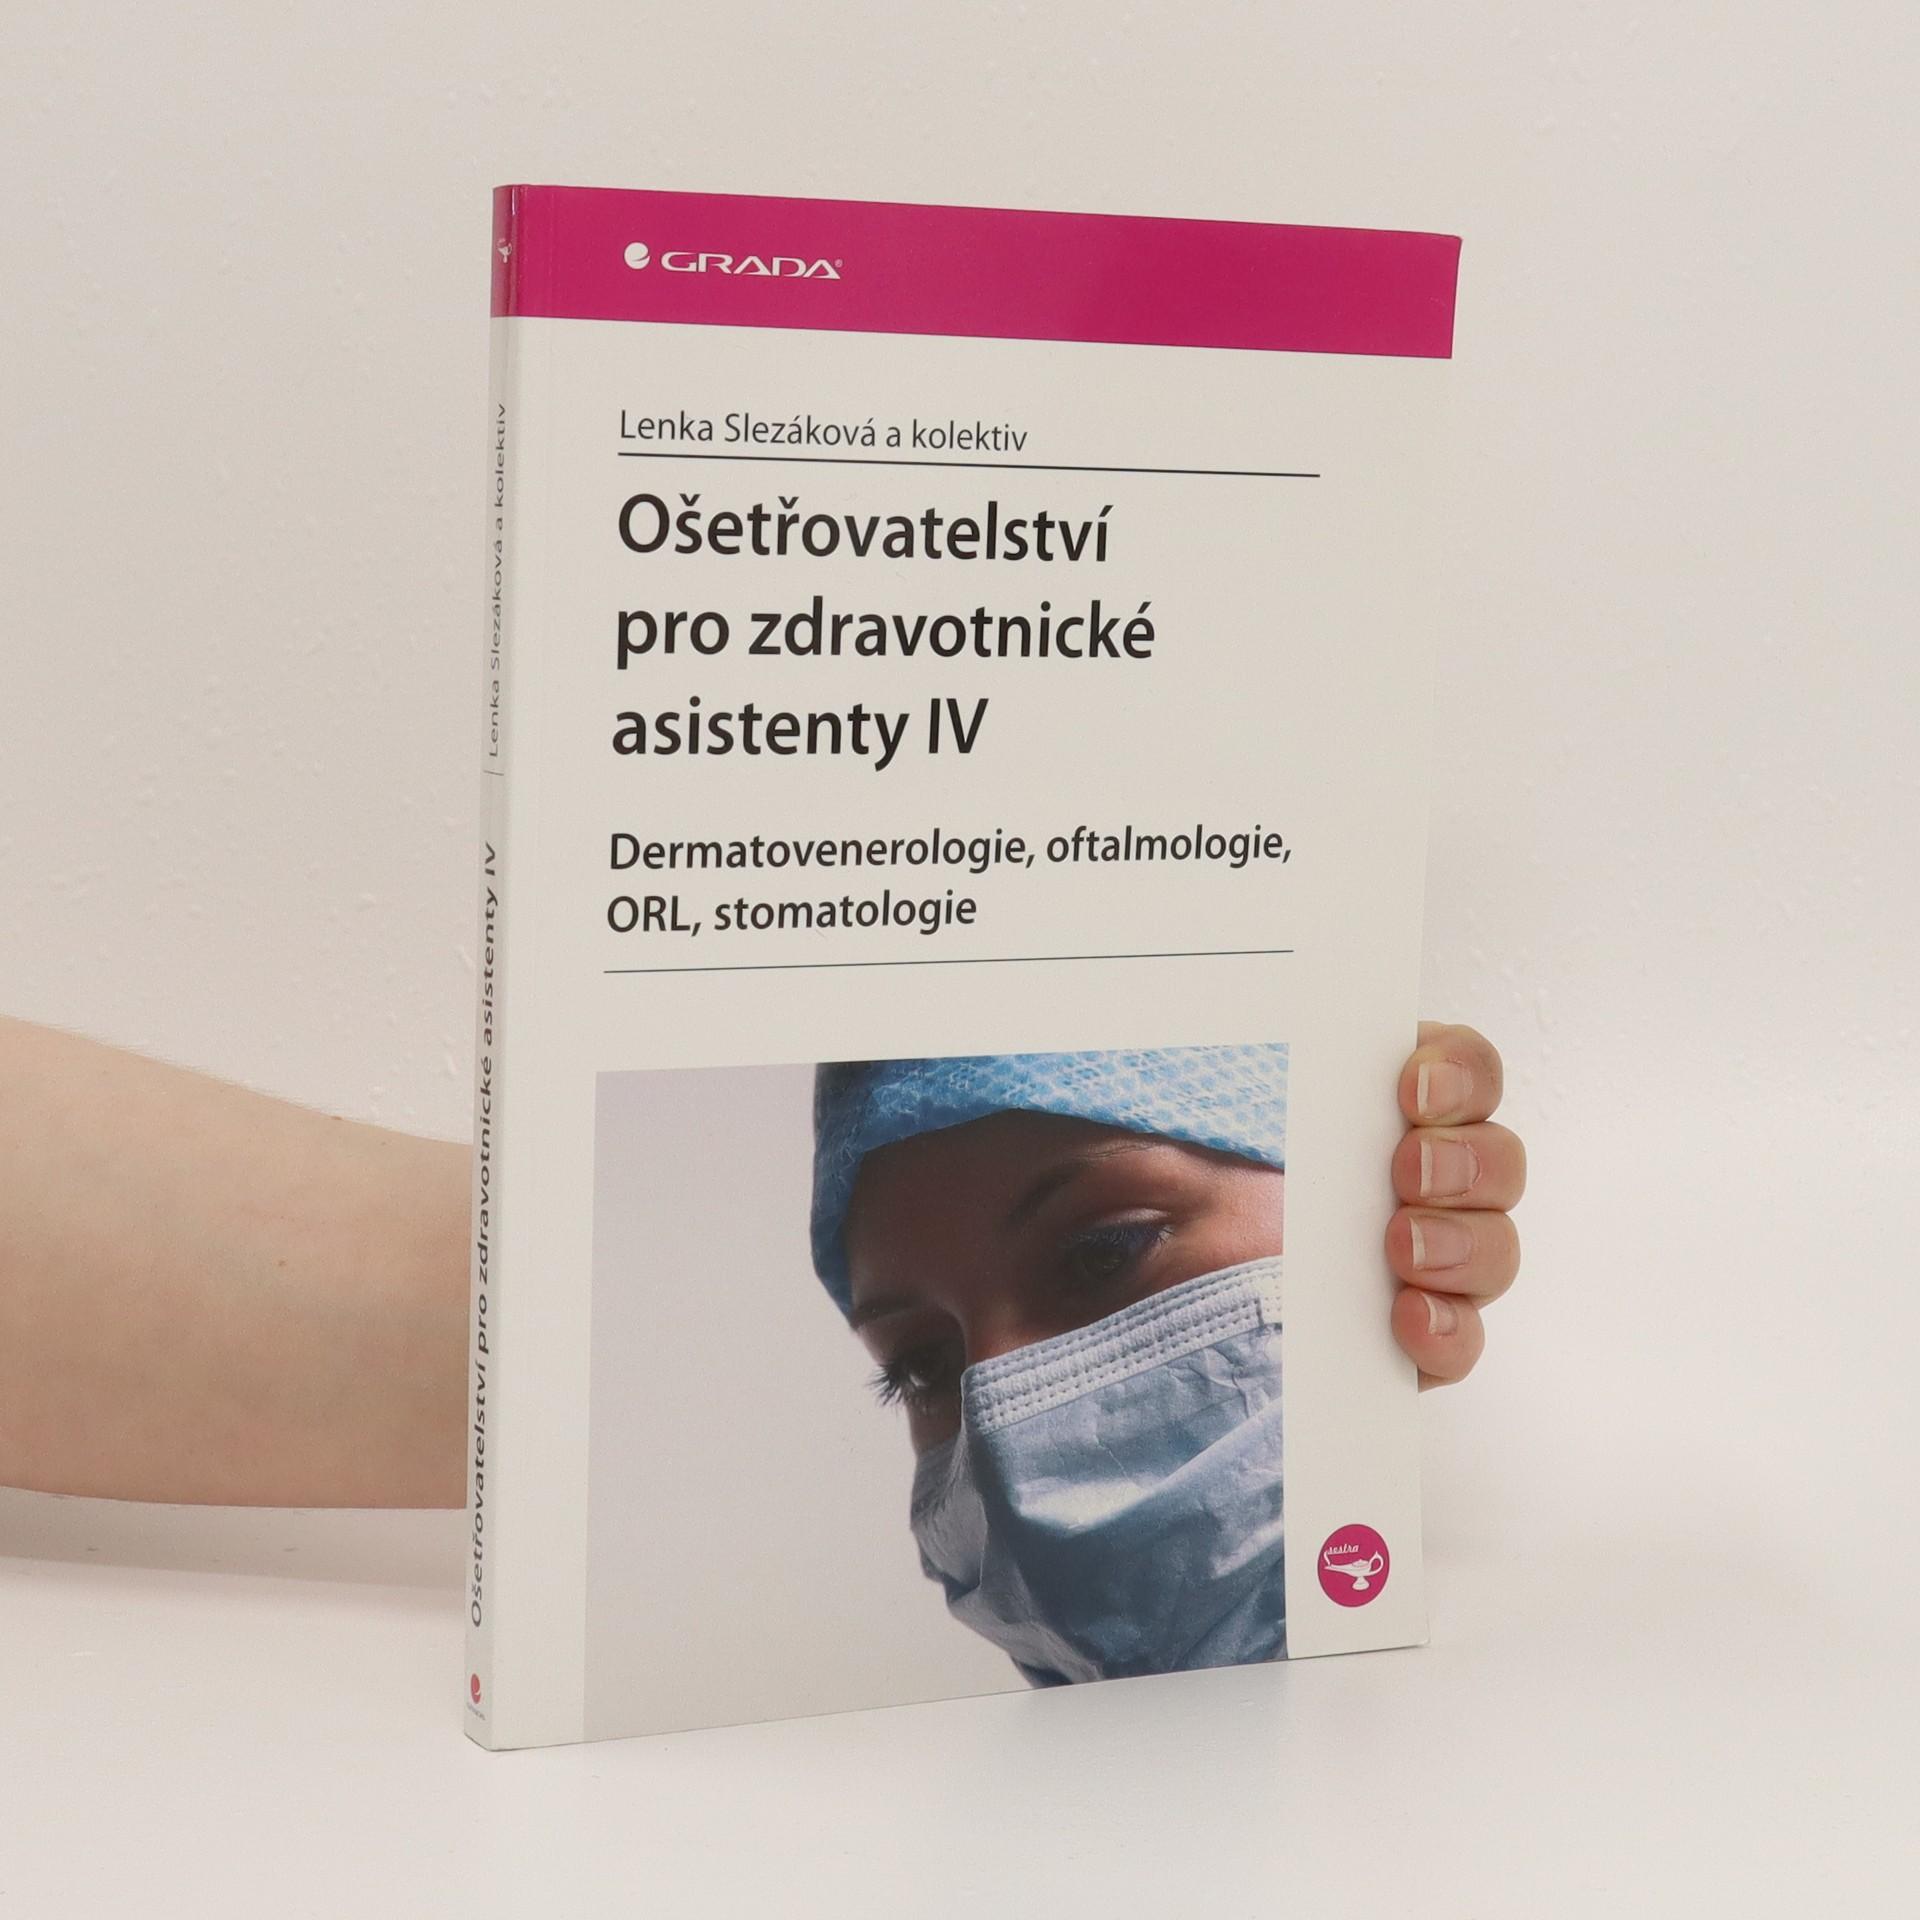 antikvární kniha Ošetřovatelství pro zdravotnické asistenty IV. díl, Dermatovenerologie, oftalmologie, ORL, stomatologie, 2008